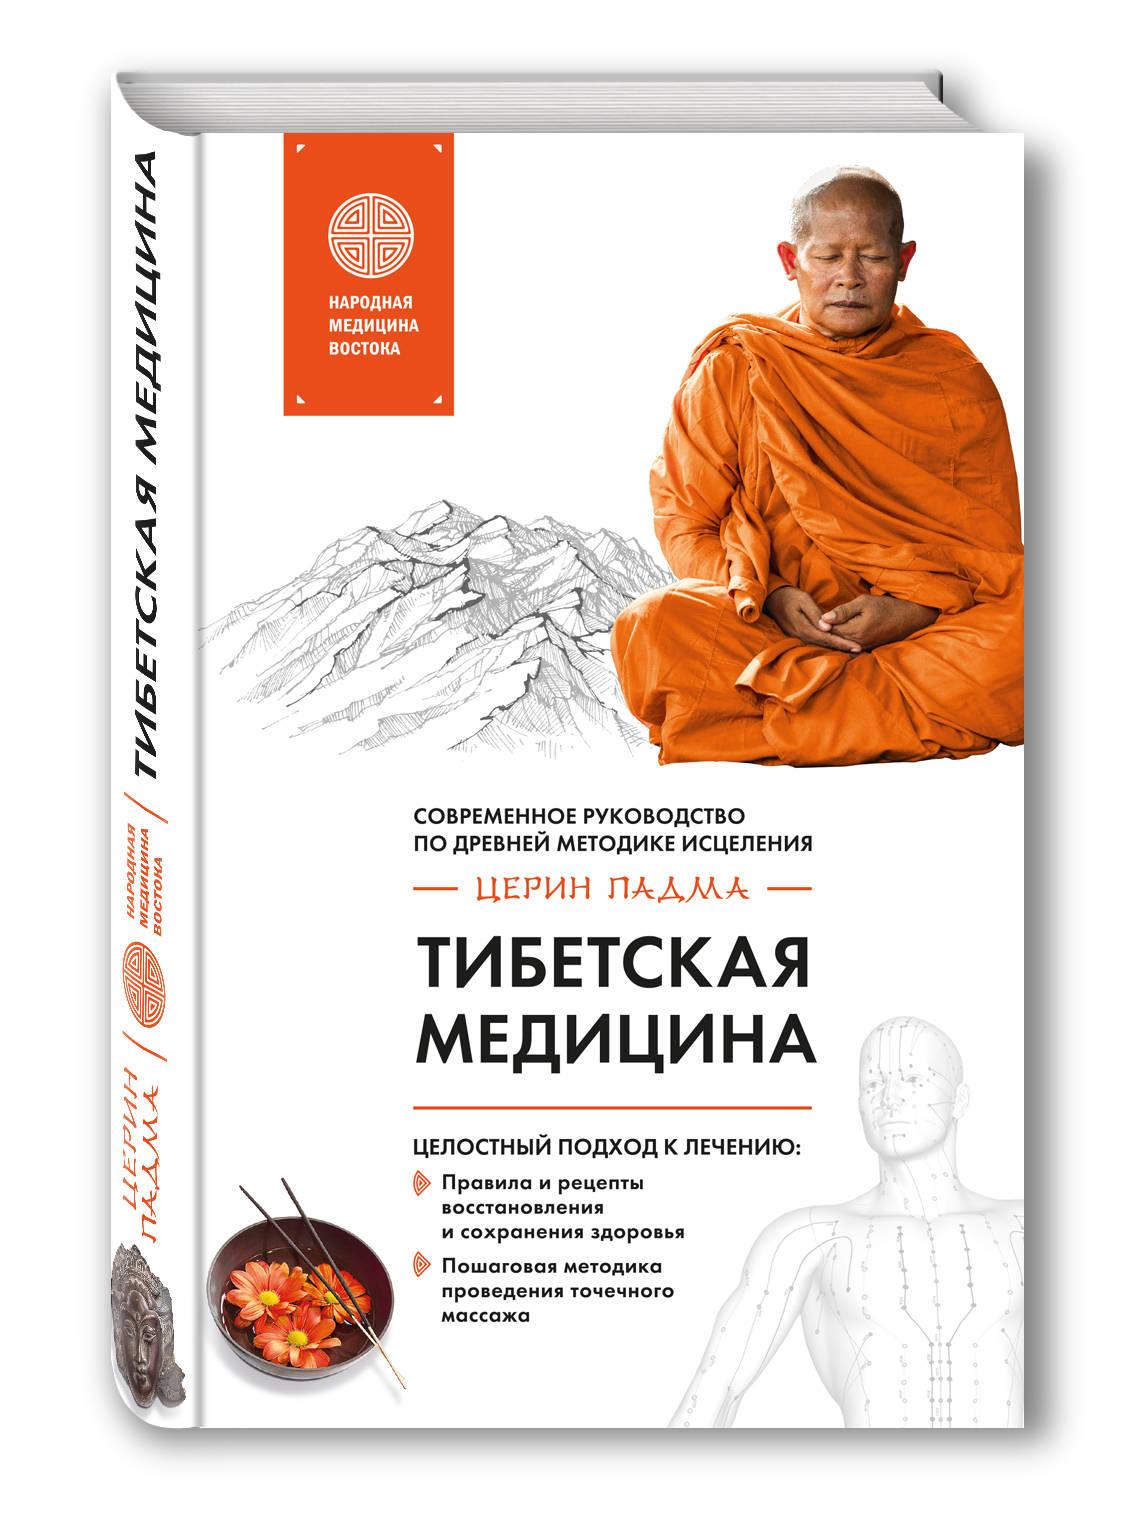 Тибетская медицина от book24.ru